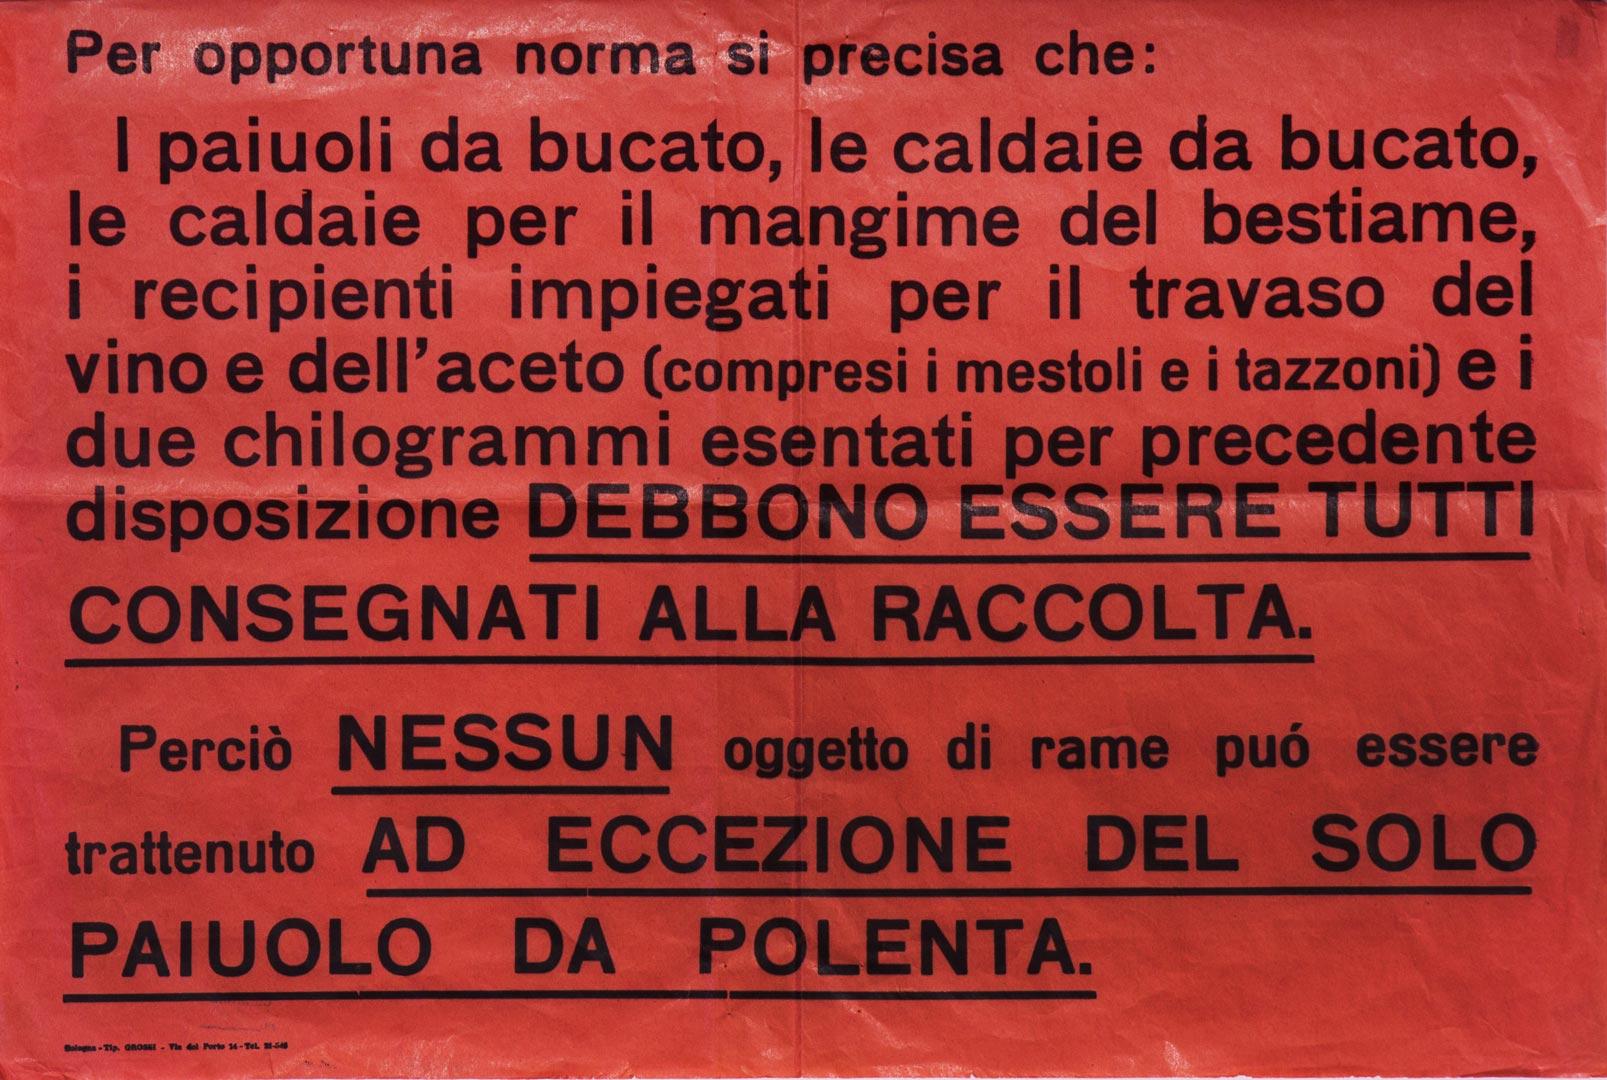 5. Manifesto per la consegna di oggetti metallici (Archivio Cidra)